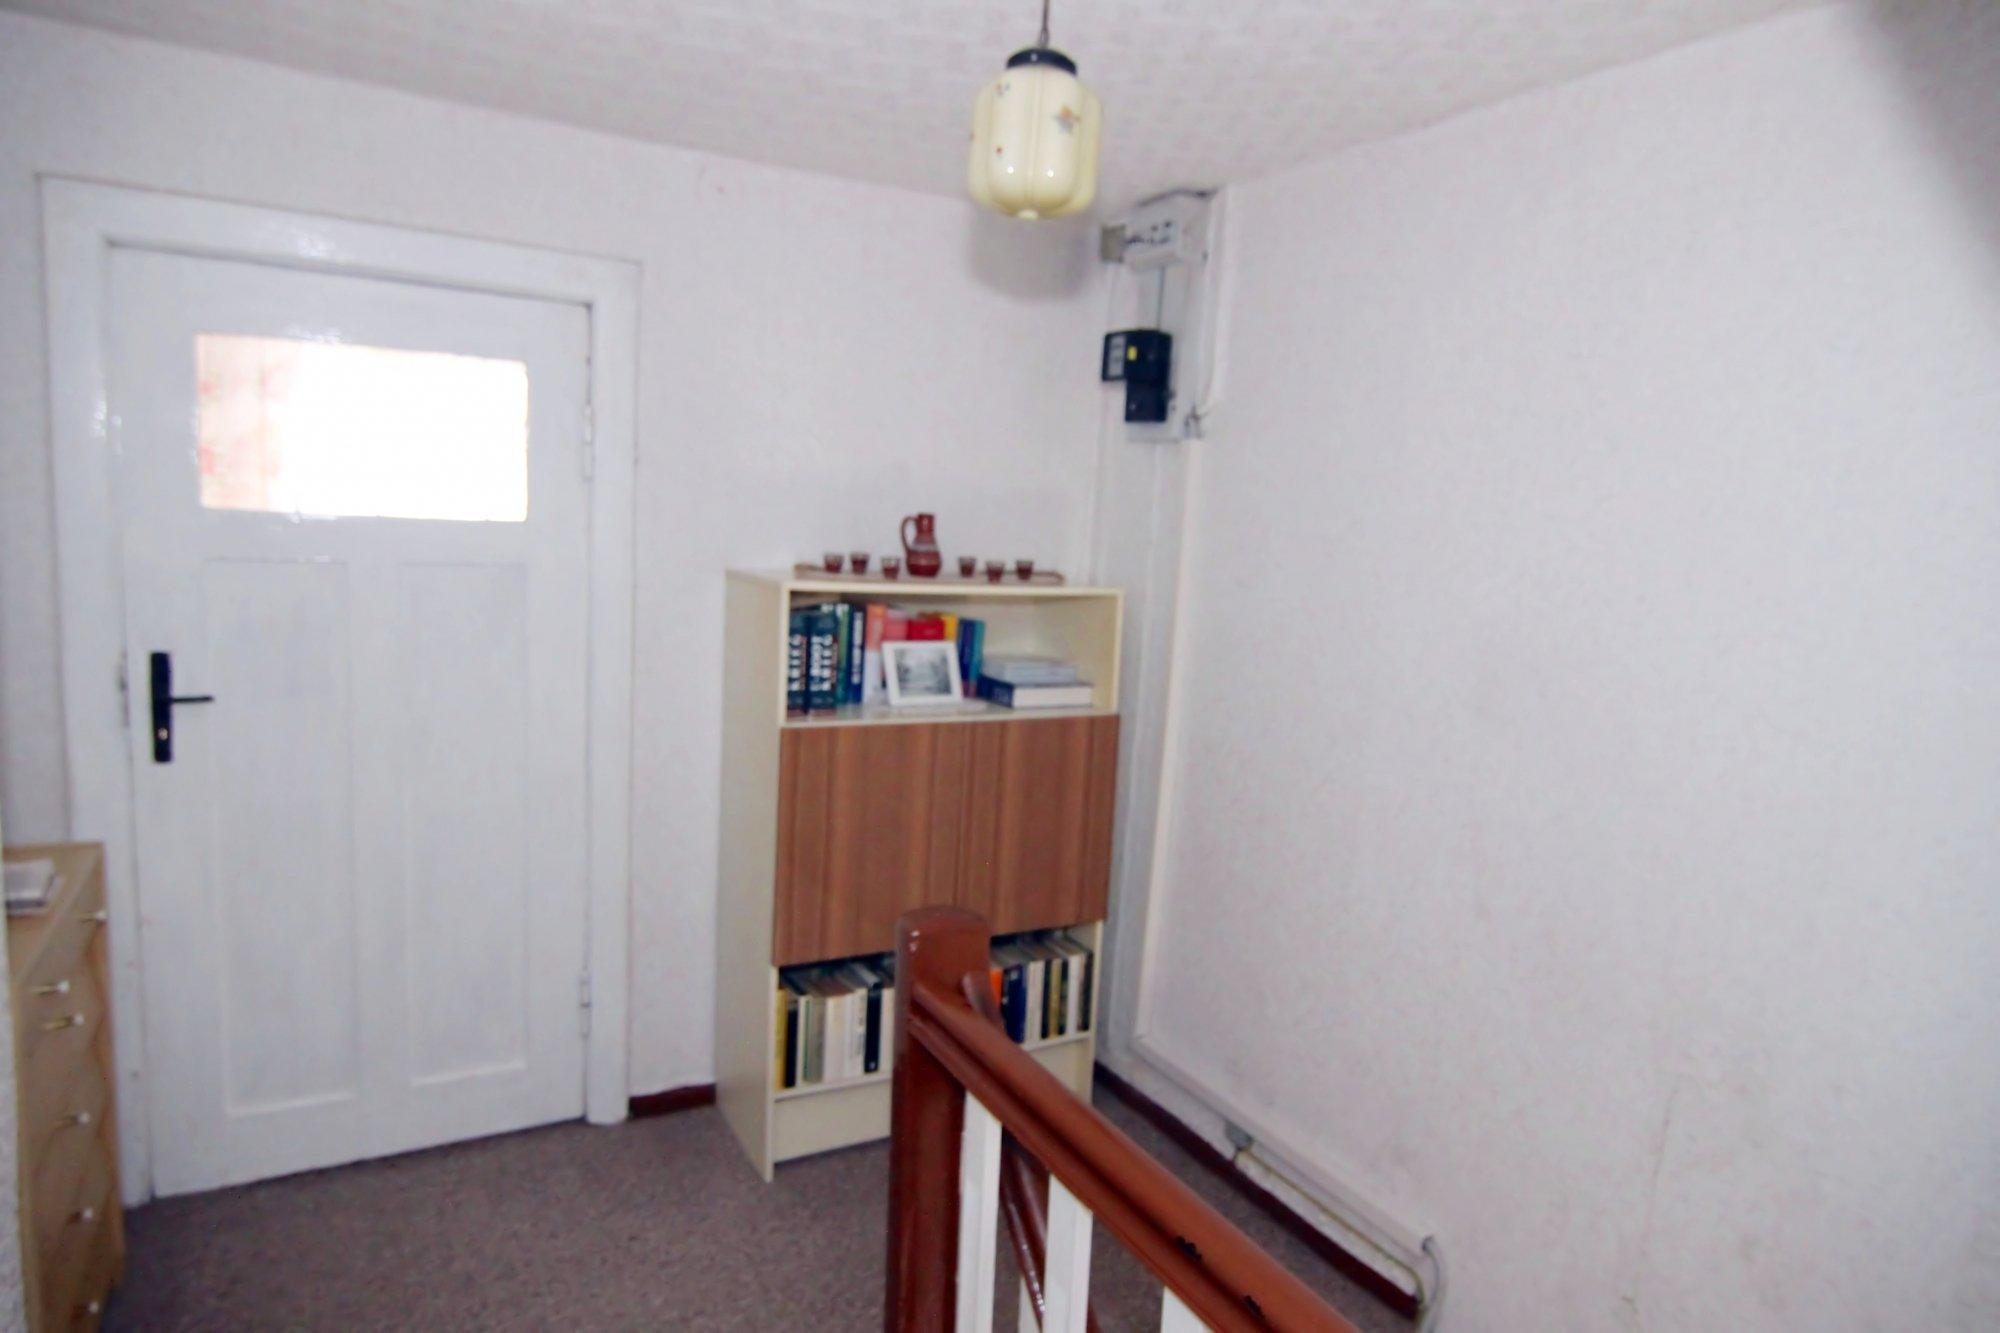 Flur im DG - Zugang zum kleinen Zimmer